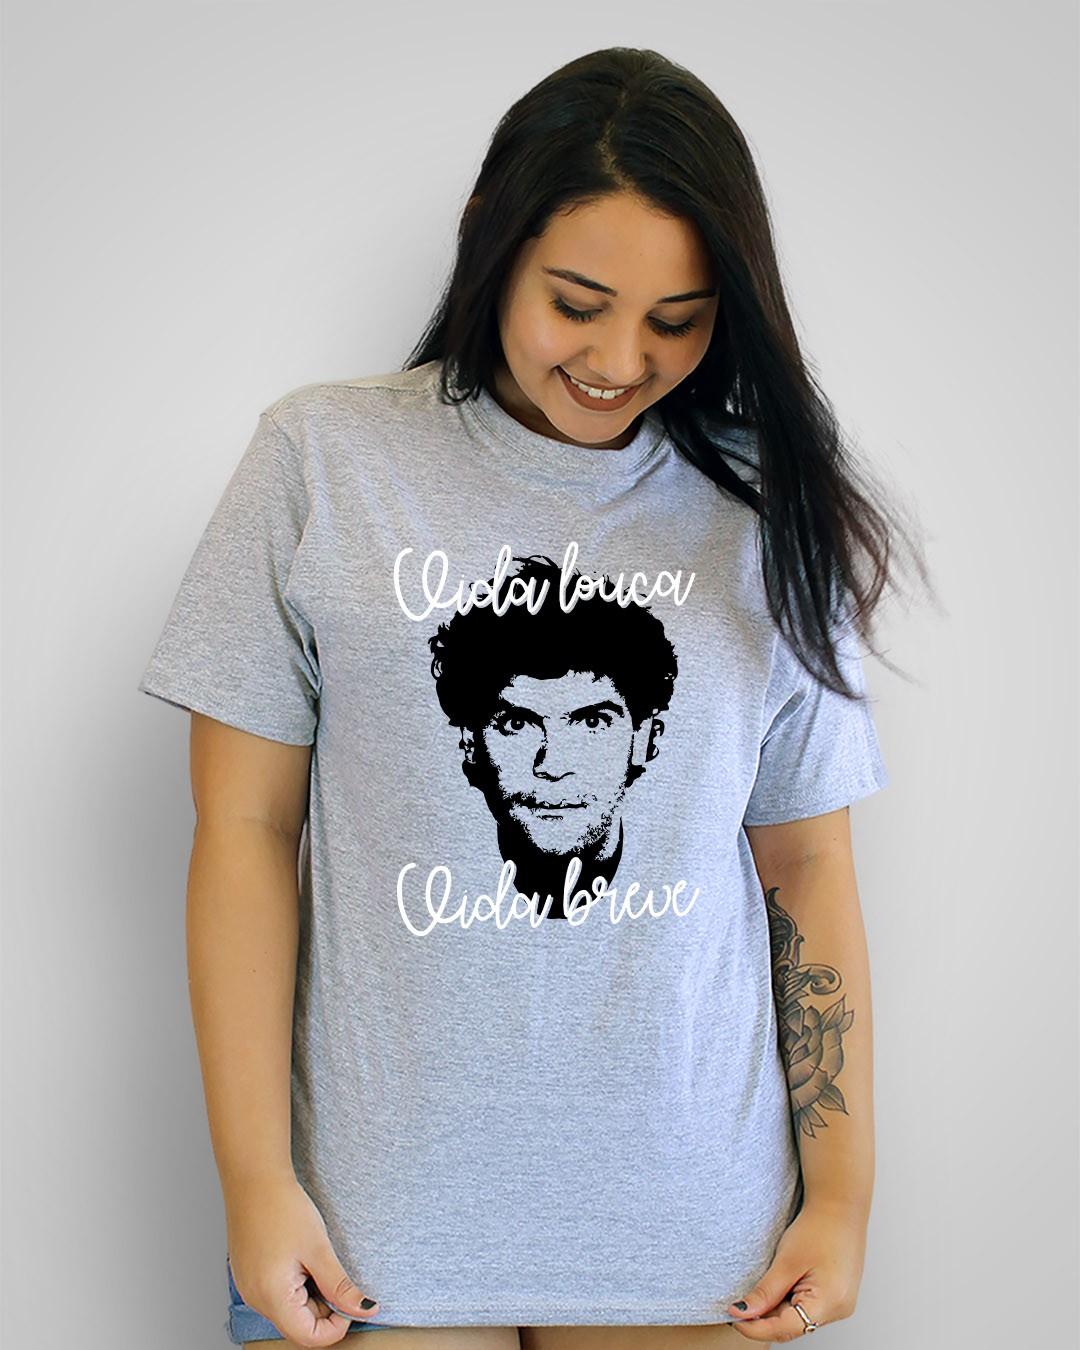 Camiseta Vida louca, vida breve - Cazuza